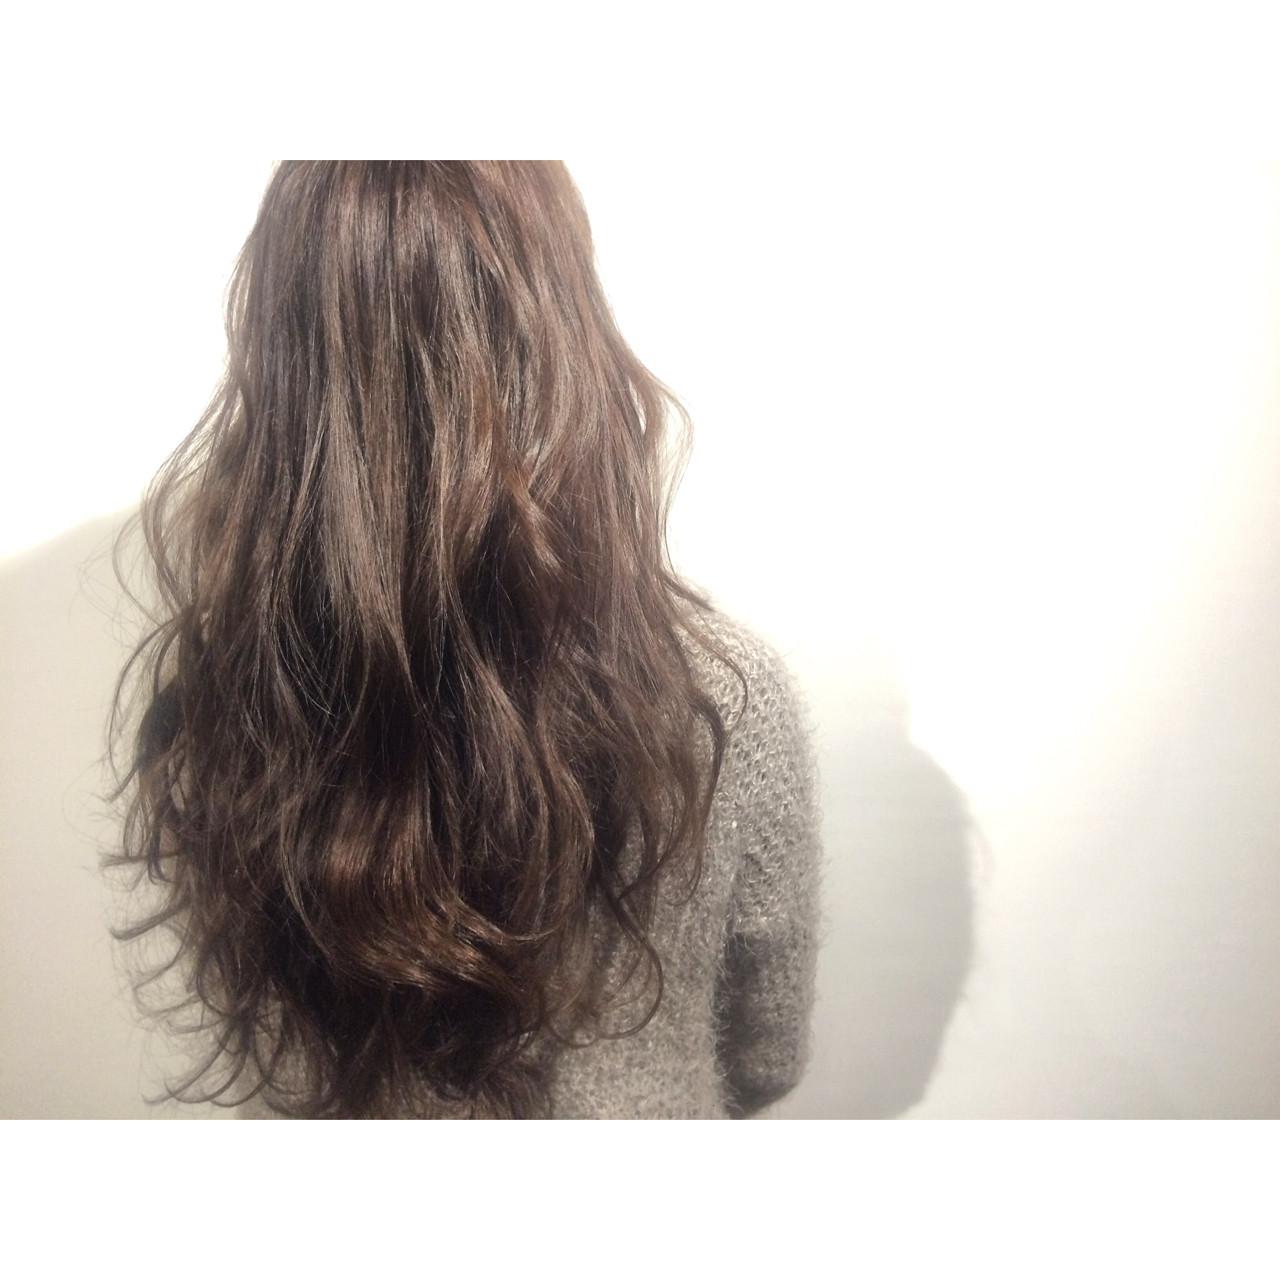 黒髪 暗髪 外国人風 ストリート ヘアスタイルや髪型の写真・画像 | KE-TO / TLONY